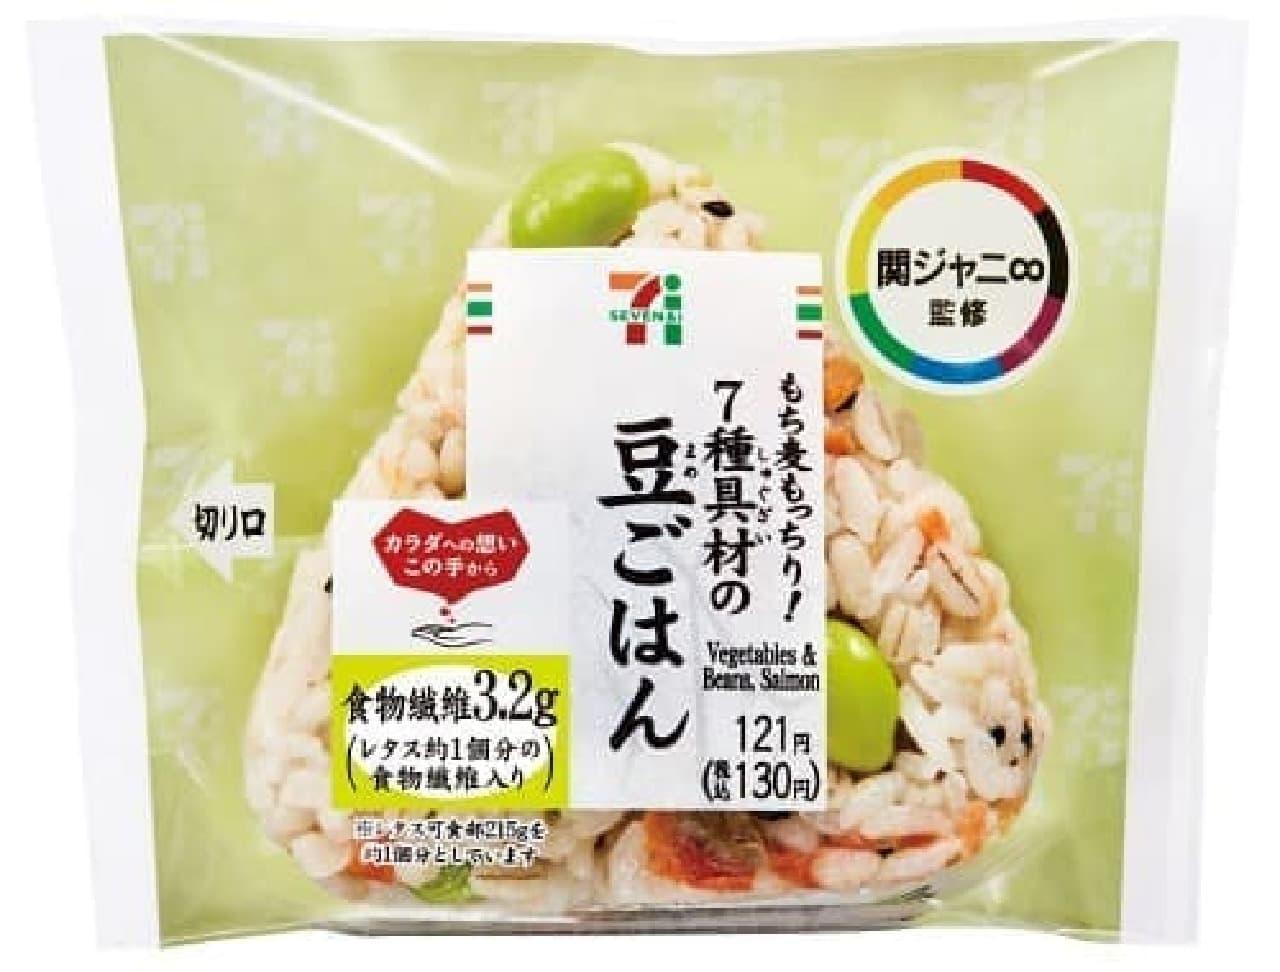 セブン-イレブン「関ジャニ∞監修 もち麦もっちり!7種具材の豆ごはんおむすび」